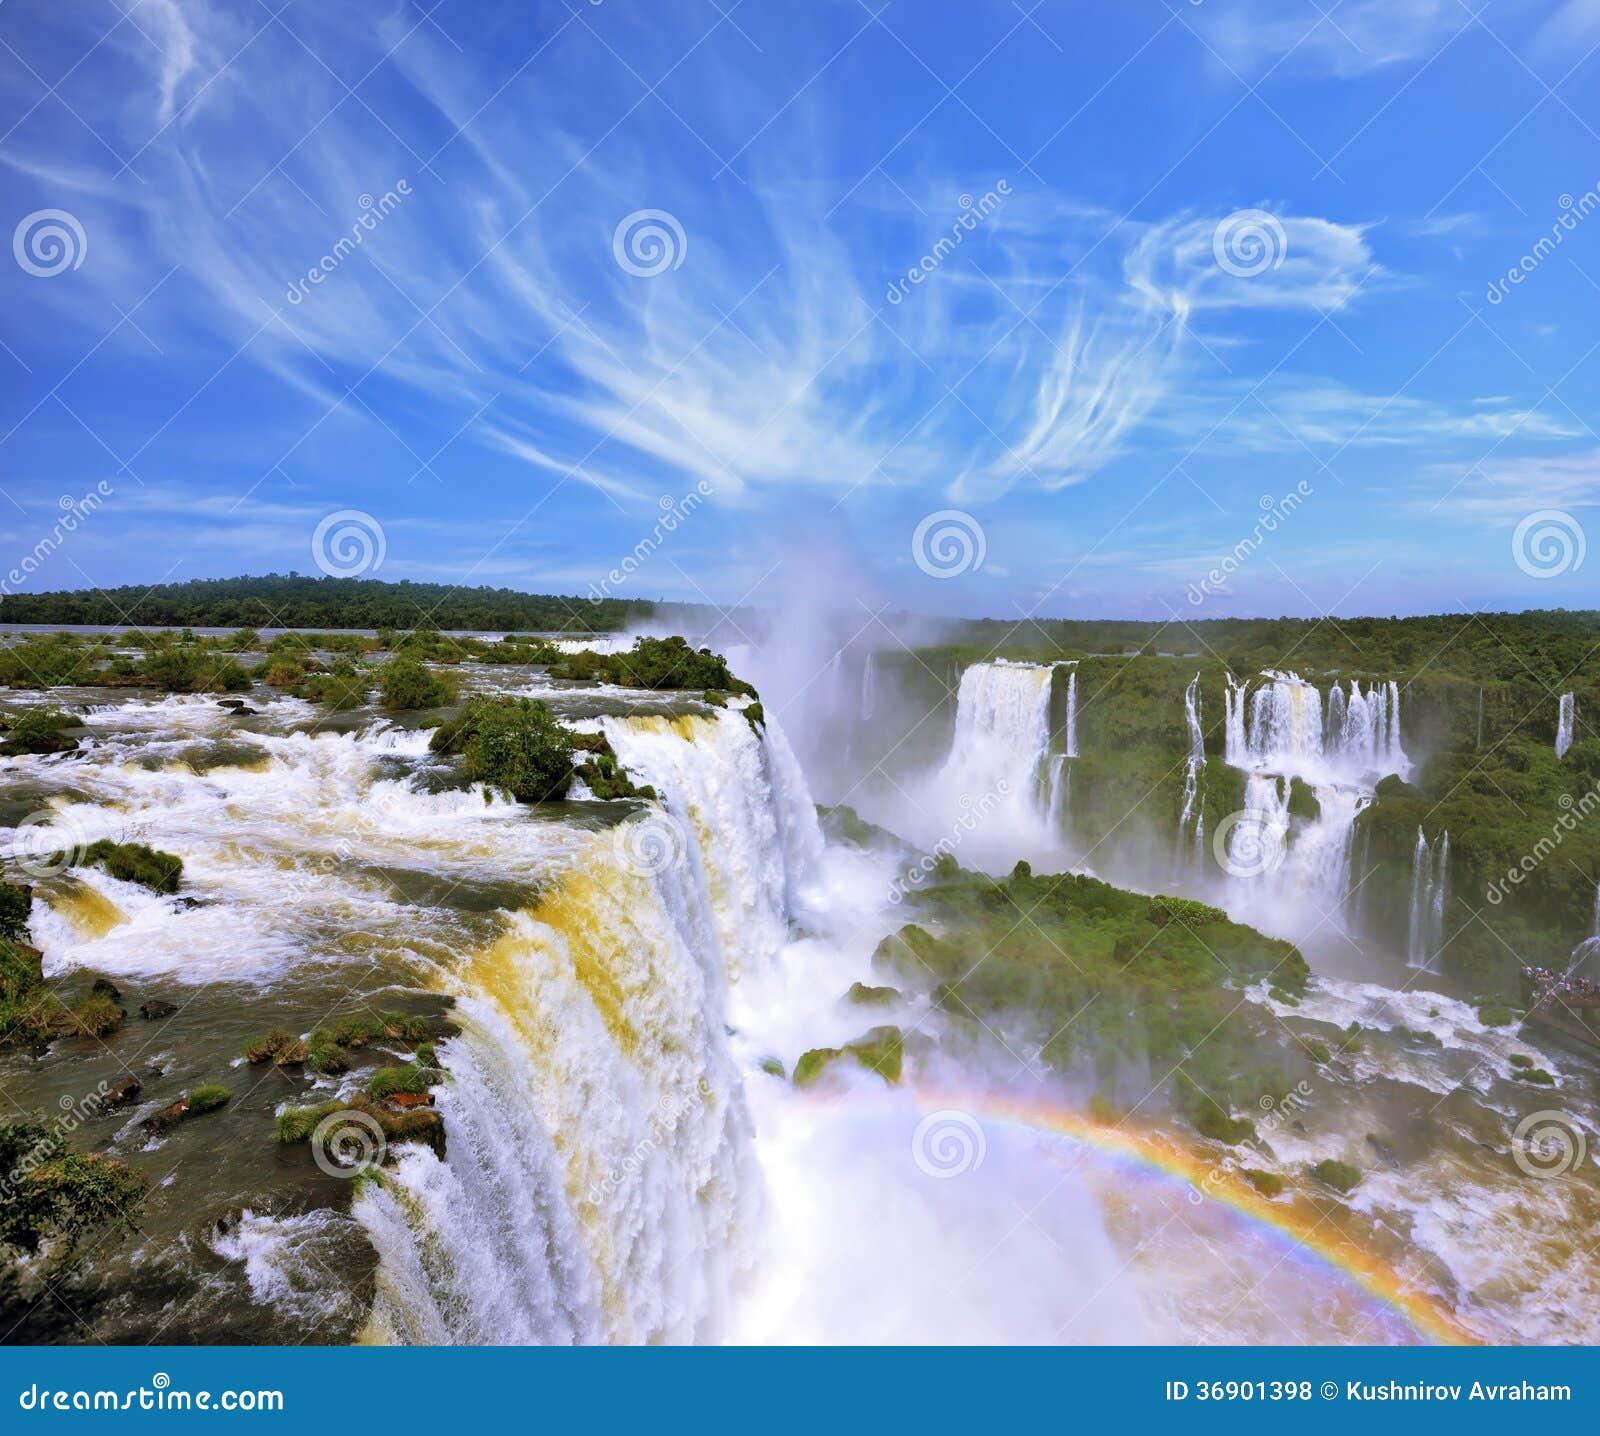 Многоуровневые каскады воды